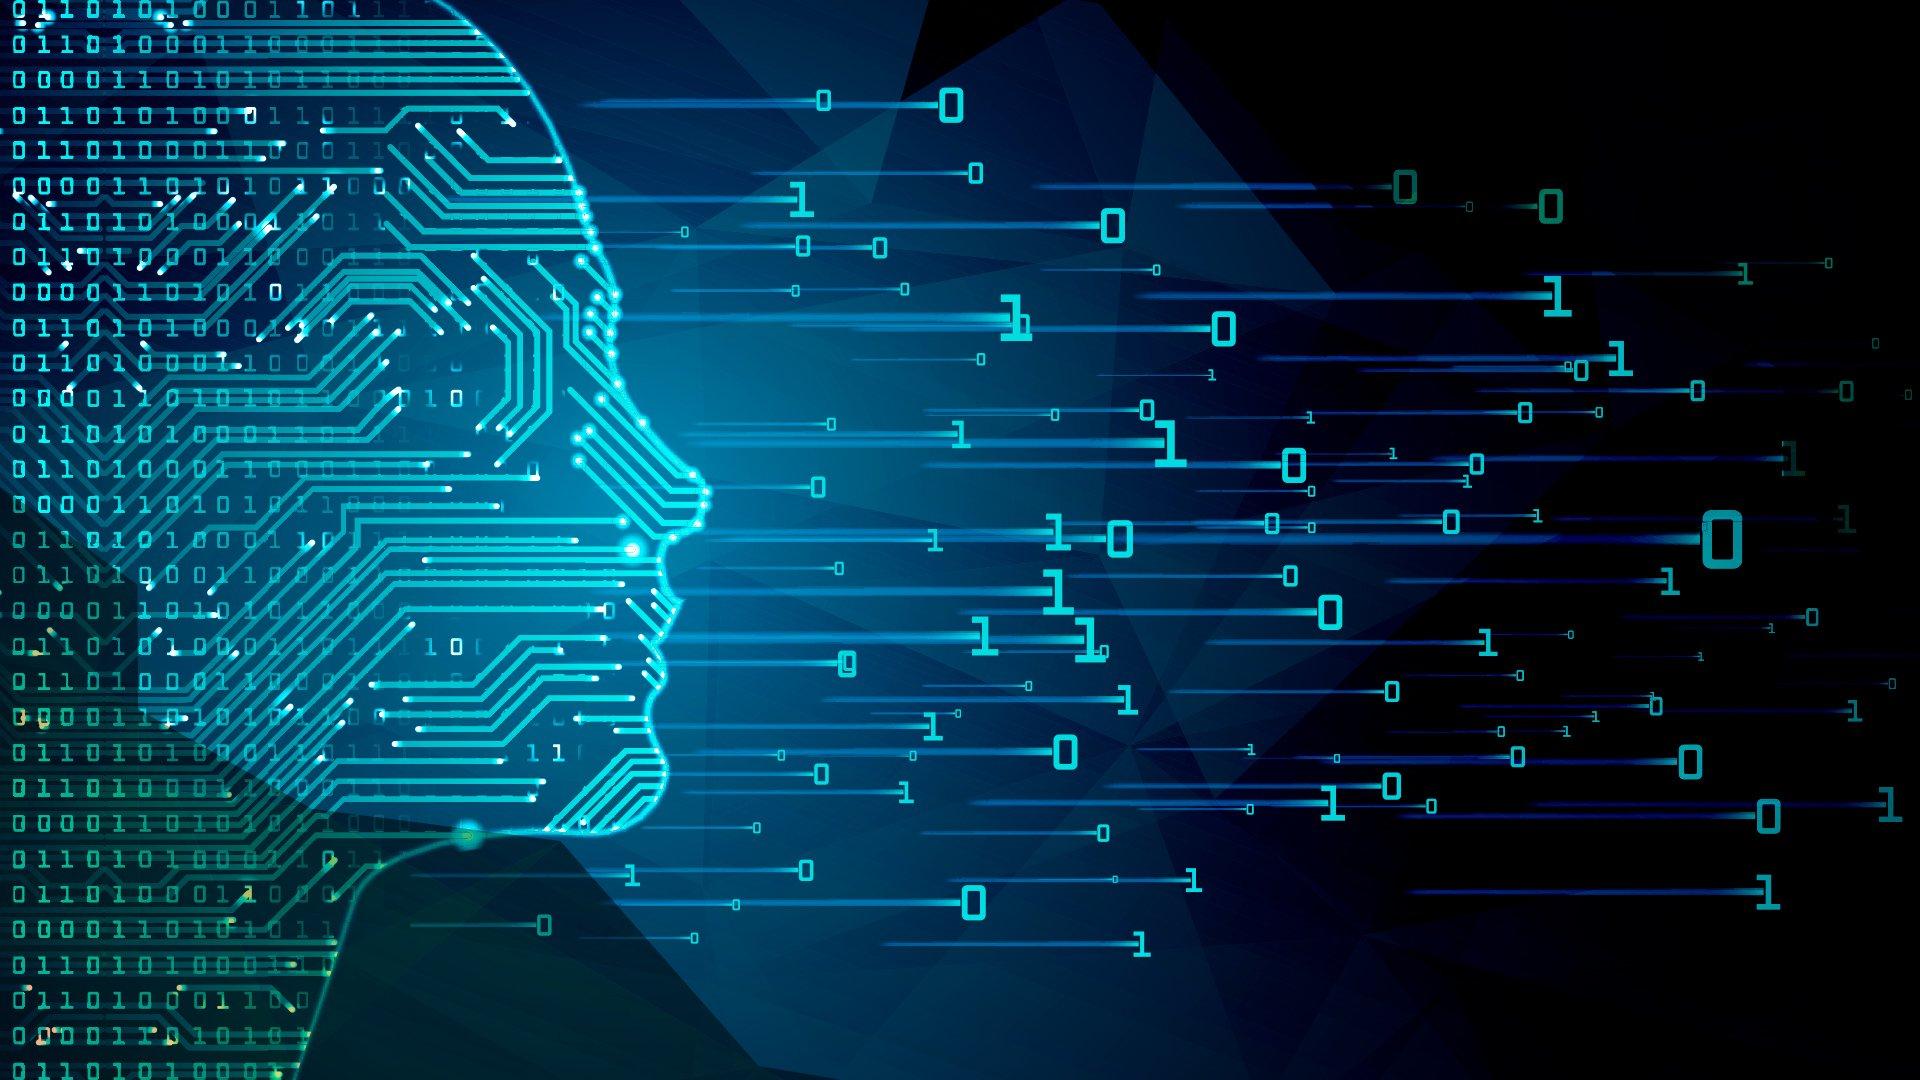 Samsung entwickelt neuromorphen Chip - will das Gehirn kopieren